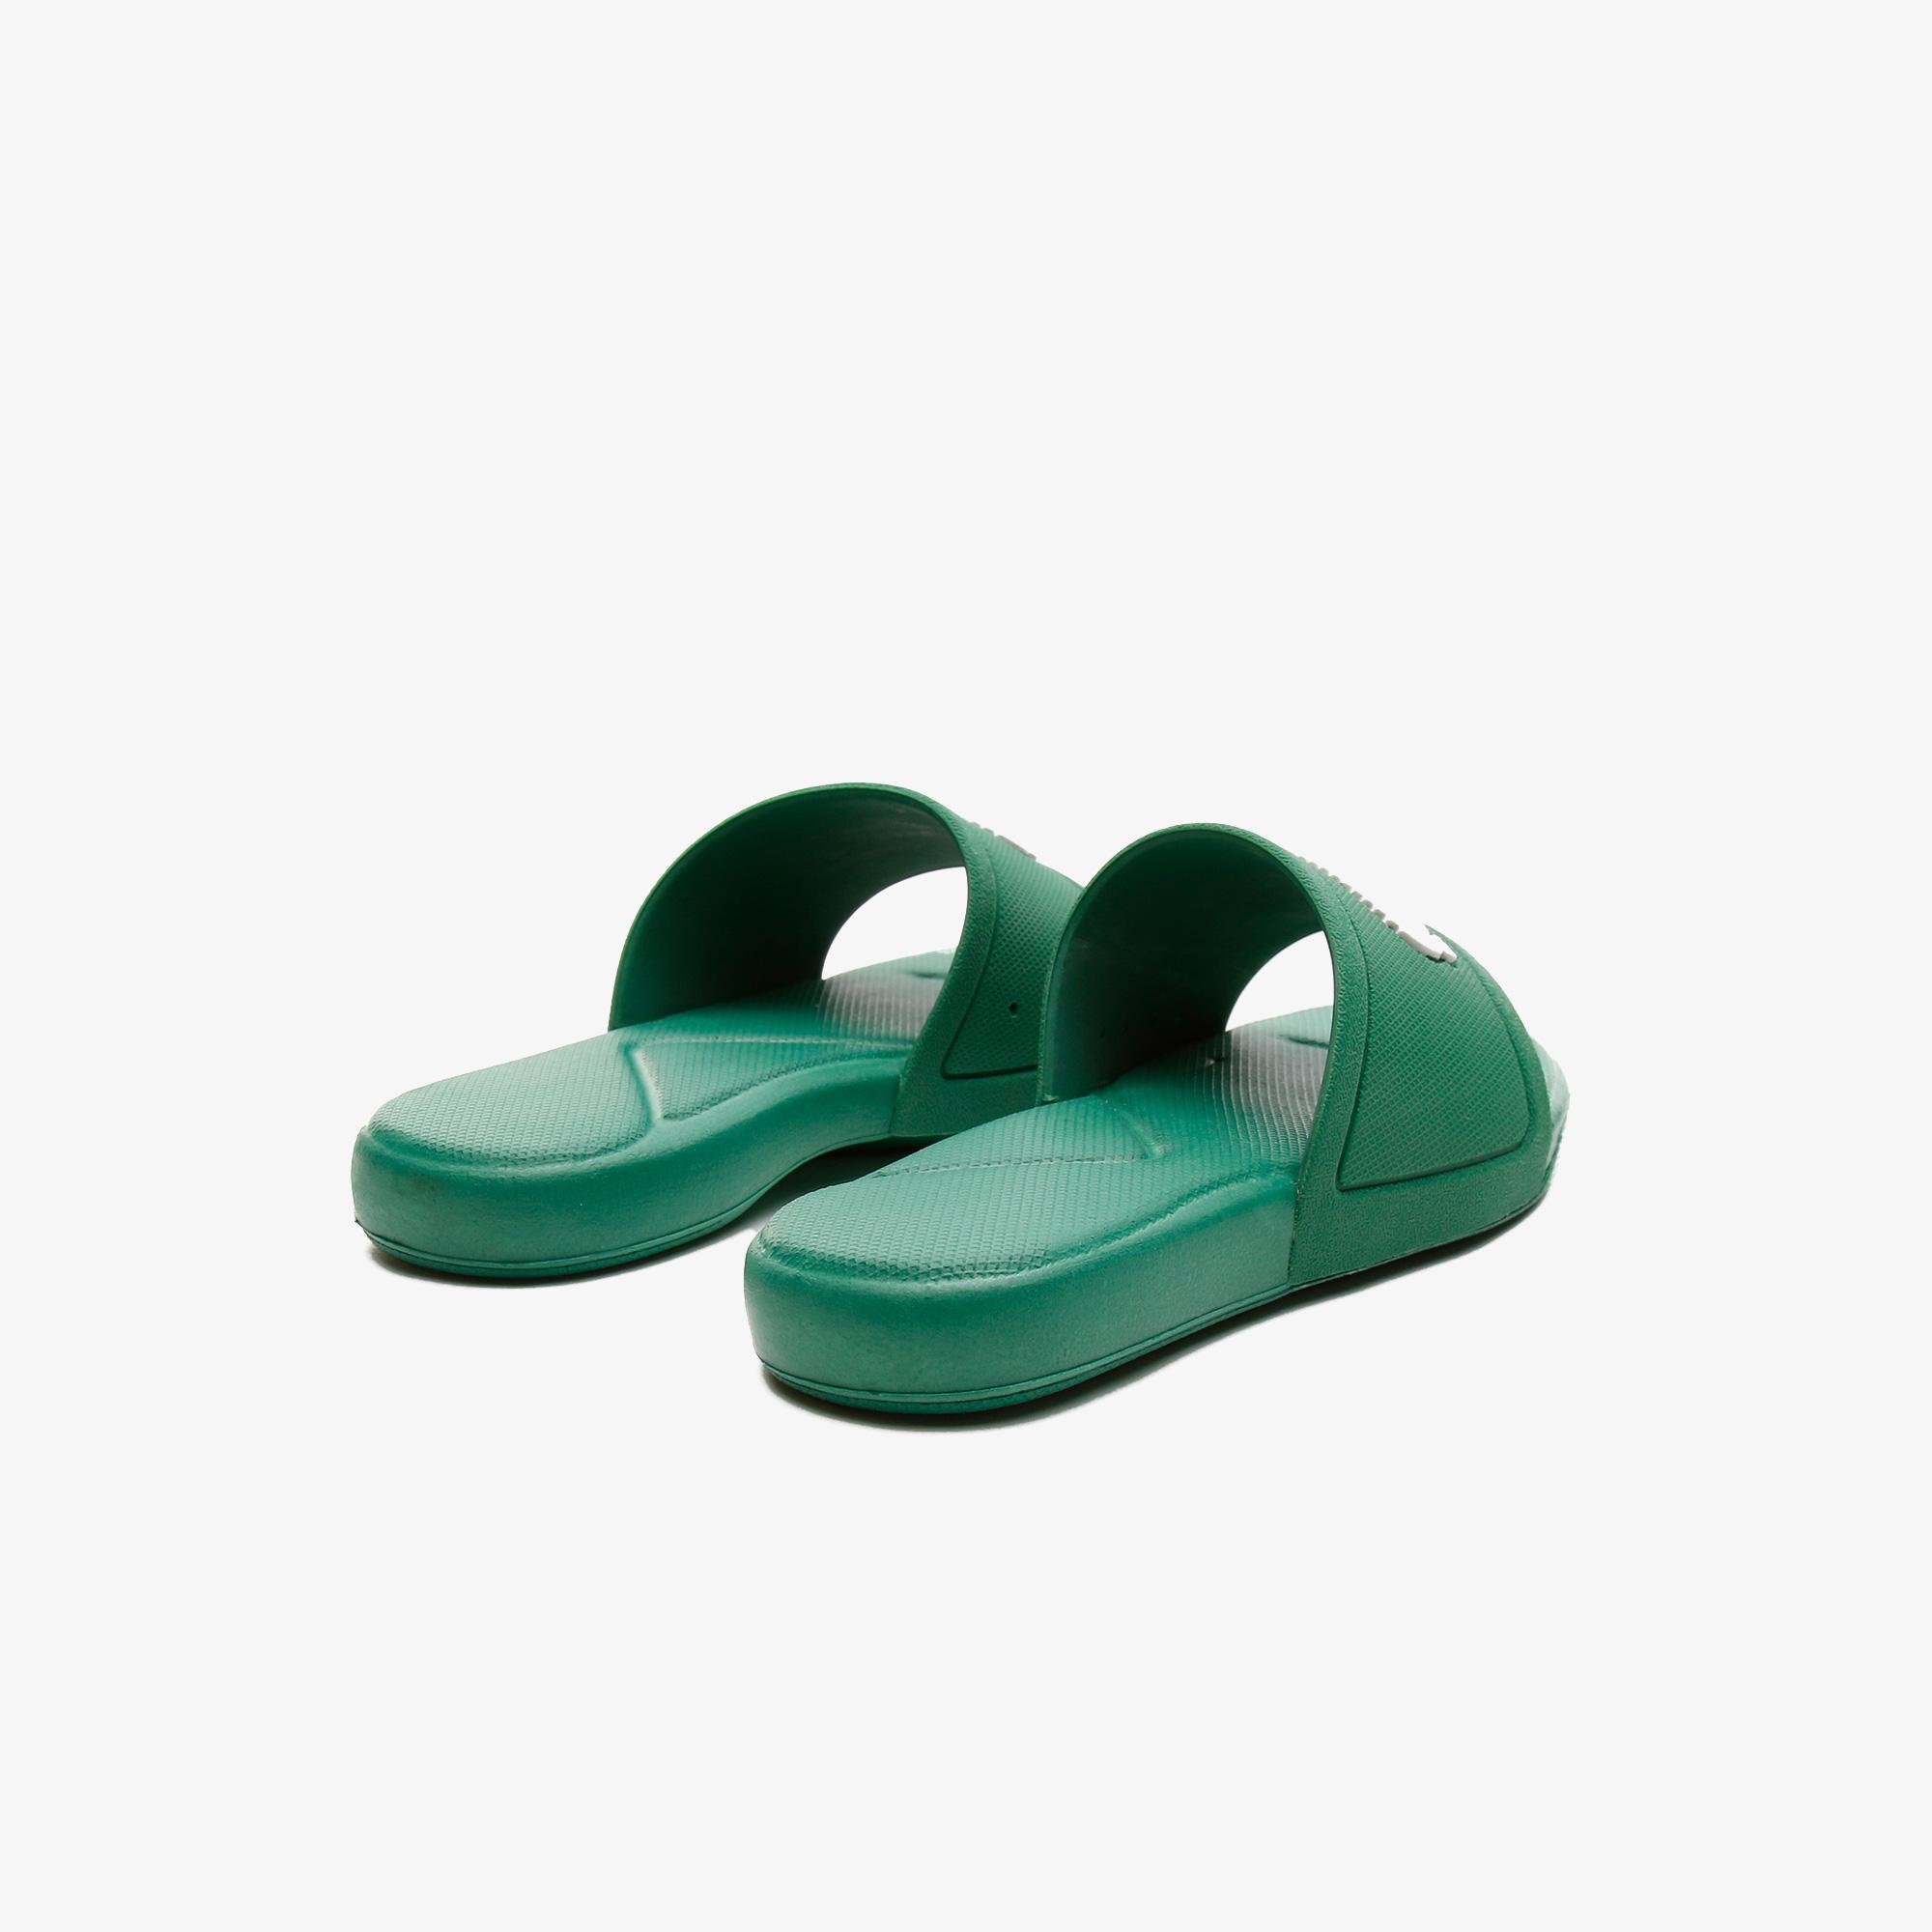 Lacoste L.30 Slide 0921 1 Cuc Çocuk Yeşil - Beyaz Terlik